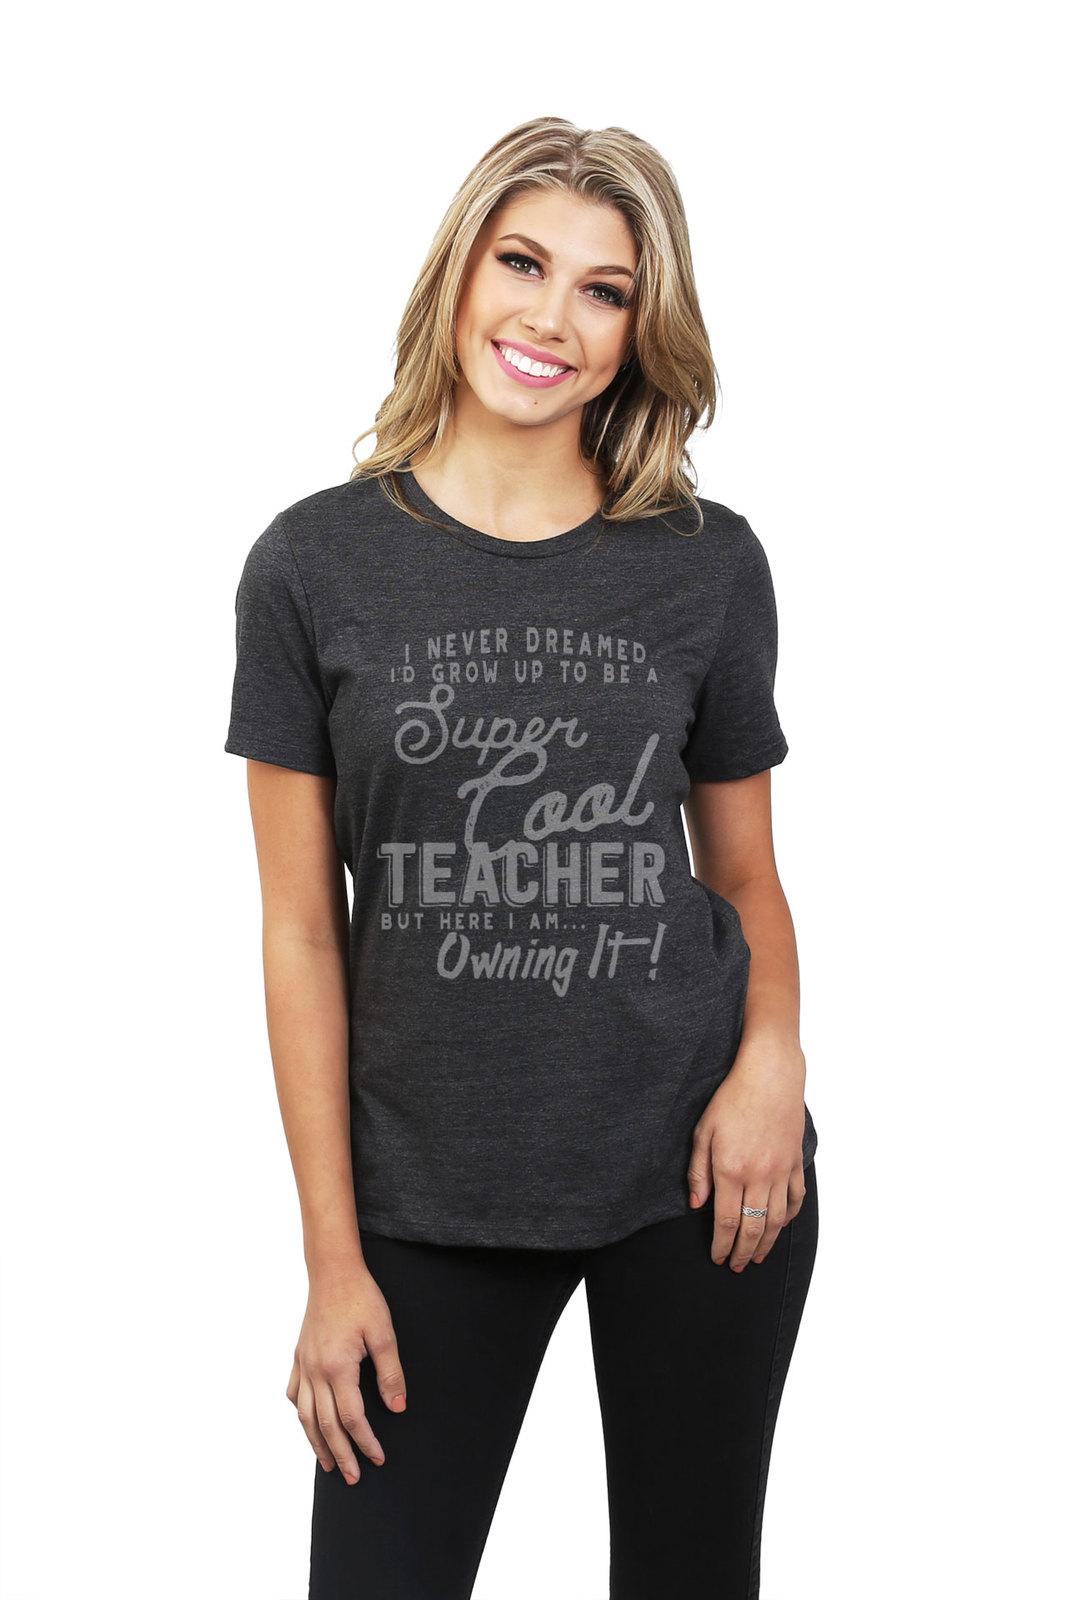 Super Cool Teacher Women's Relaxed T-Shirt Tee Charcoal Grey